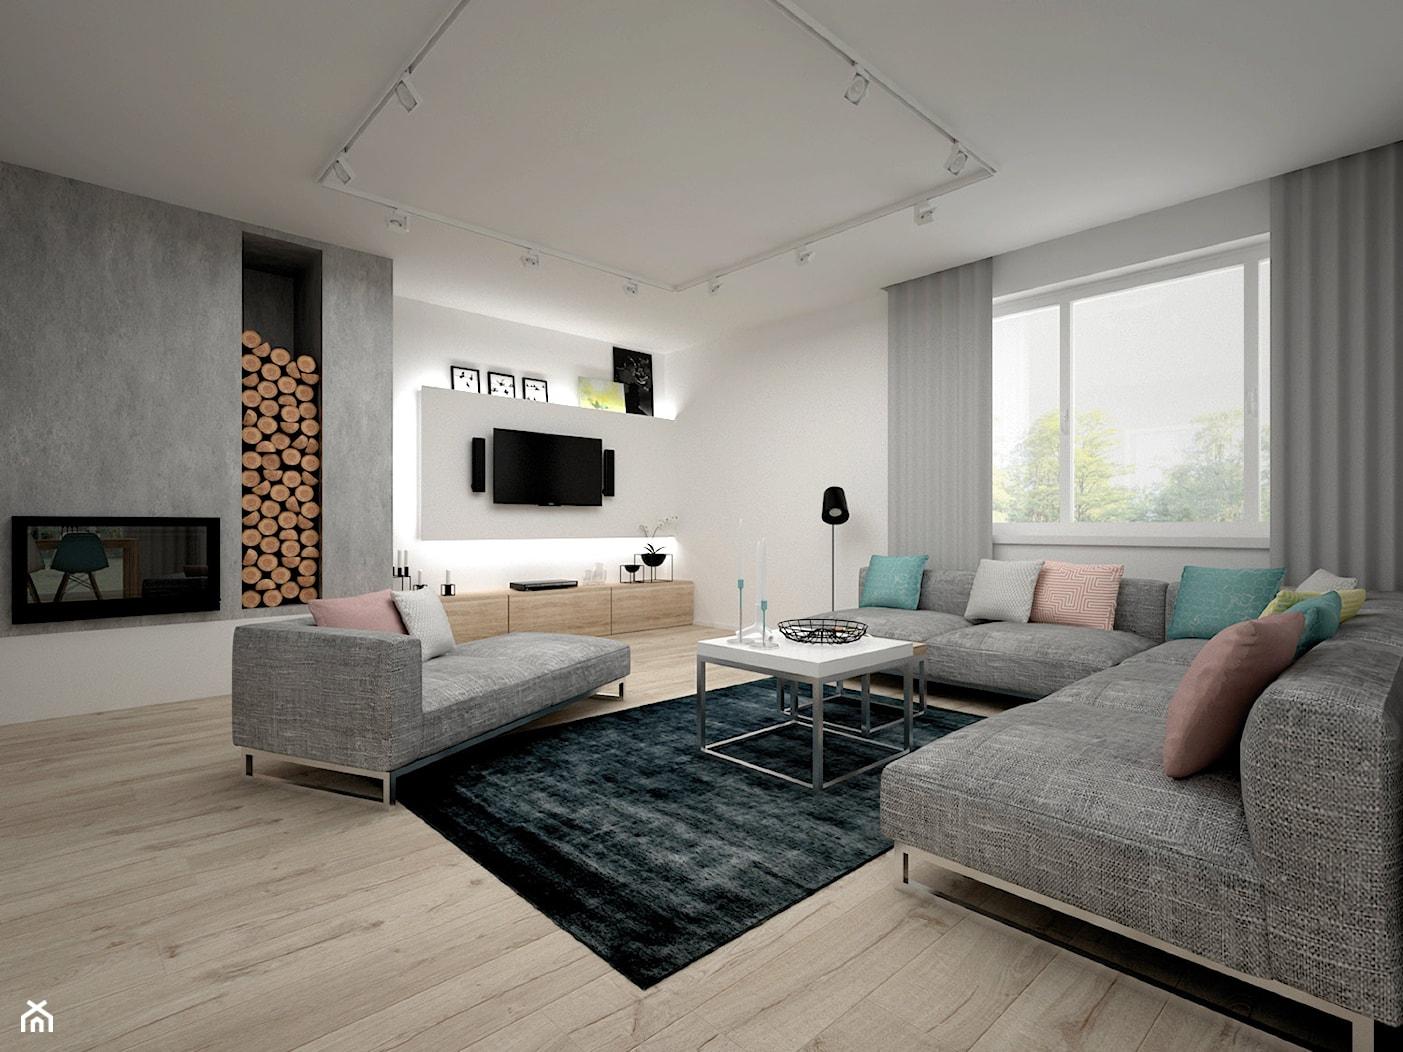 Projekt domu 70 m2 / Jabłonka - Duży szary biały salon, styl skandynawski - zdjęcie od BIG IDEA studio projektowe - Homebook